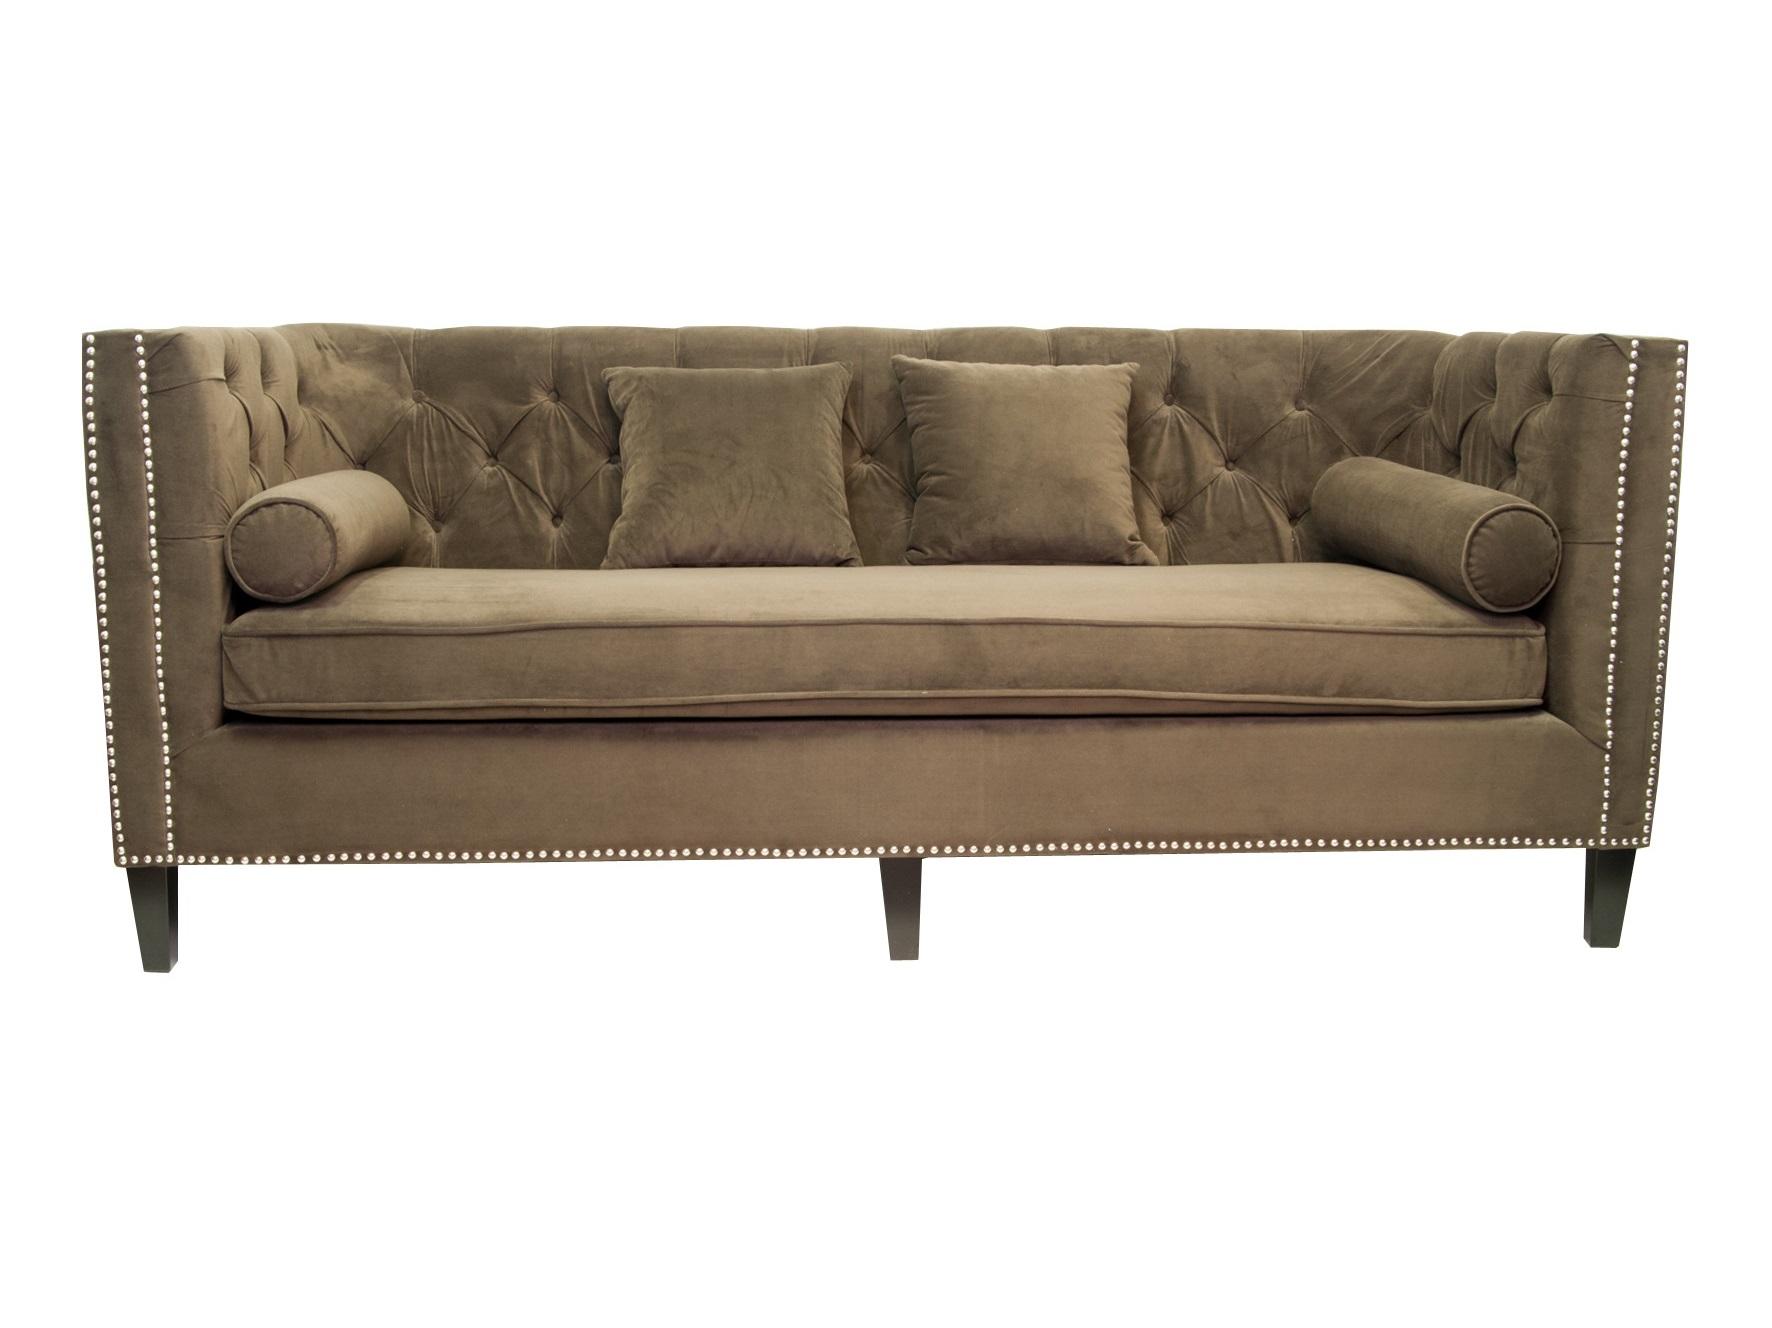 Диван MartinТрехместные диваны<br>Эта элегантная модель дивана приковывает к себе внимание с первого взгляда, его коричневый цвет обивки невероятно красив и глубок. Диван Martin станет отличным украшением вашего дома, привнесет в него шик и очарование, сделает интерьер более насыщенным и интересным.В дополнение к дивану идут мягкие подушки, которые придают ещё большего уюта. &amp;amp;nbsp;<br><br>Material: Текстиль<br>Width см: 209<br>Depth см: 95<br>Height см: 88